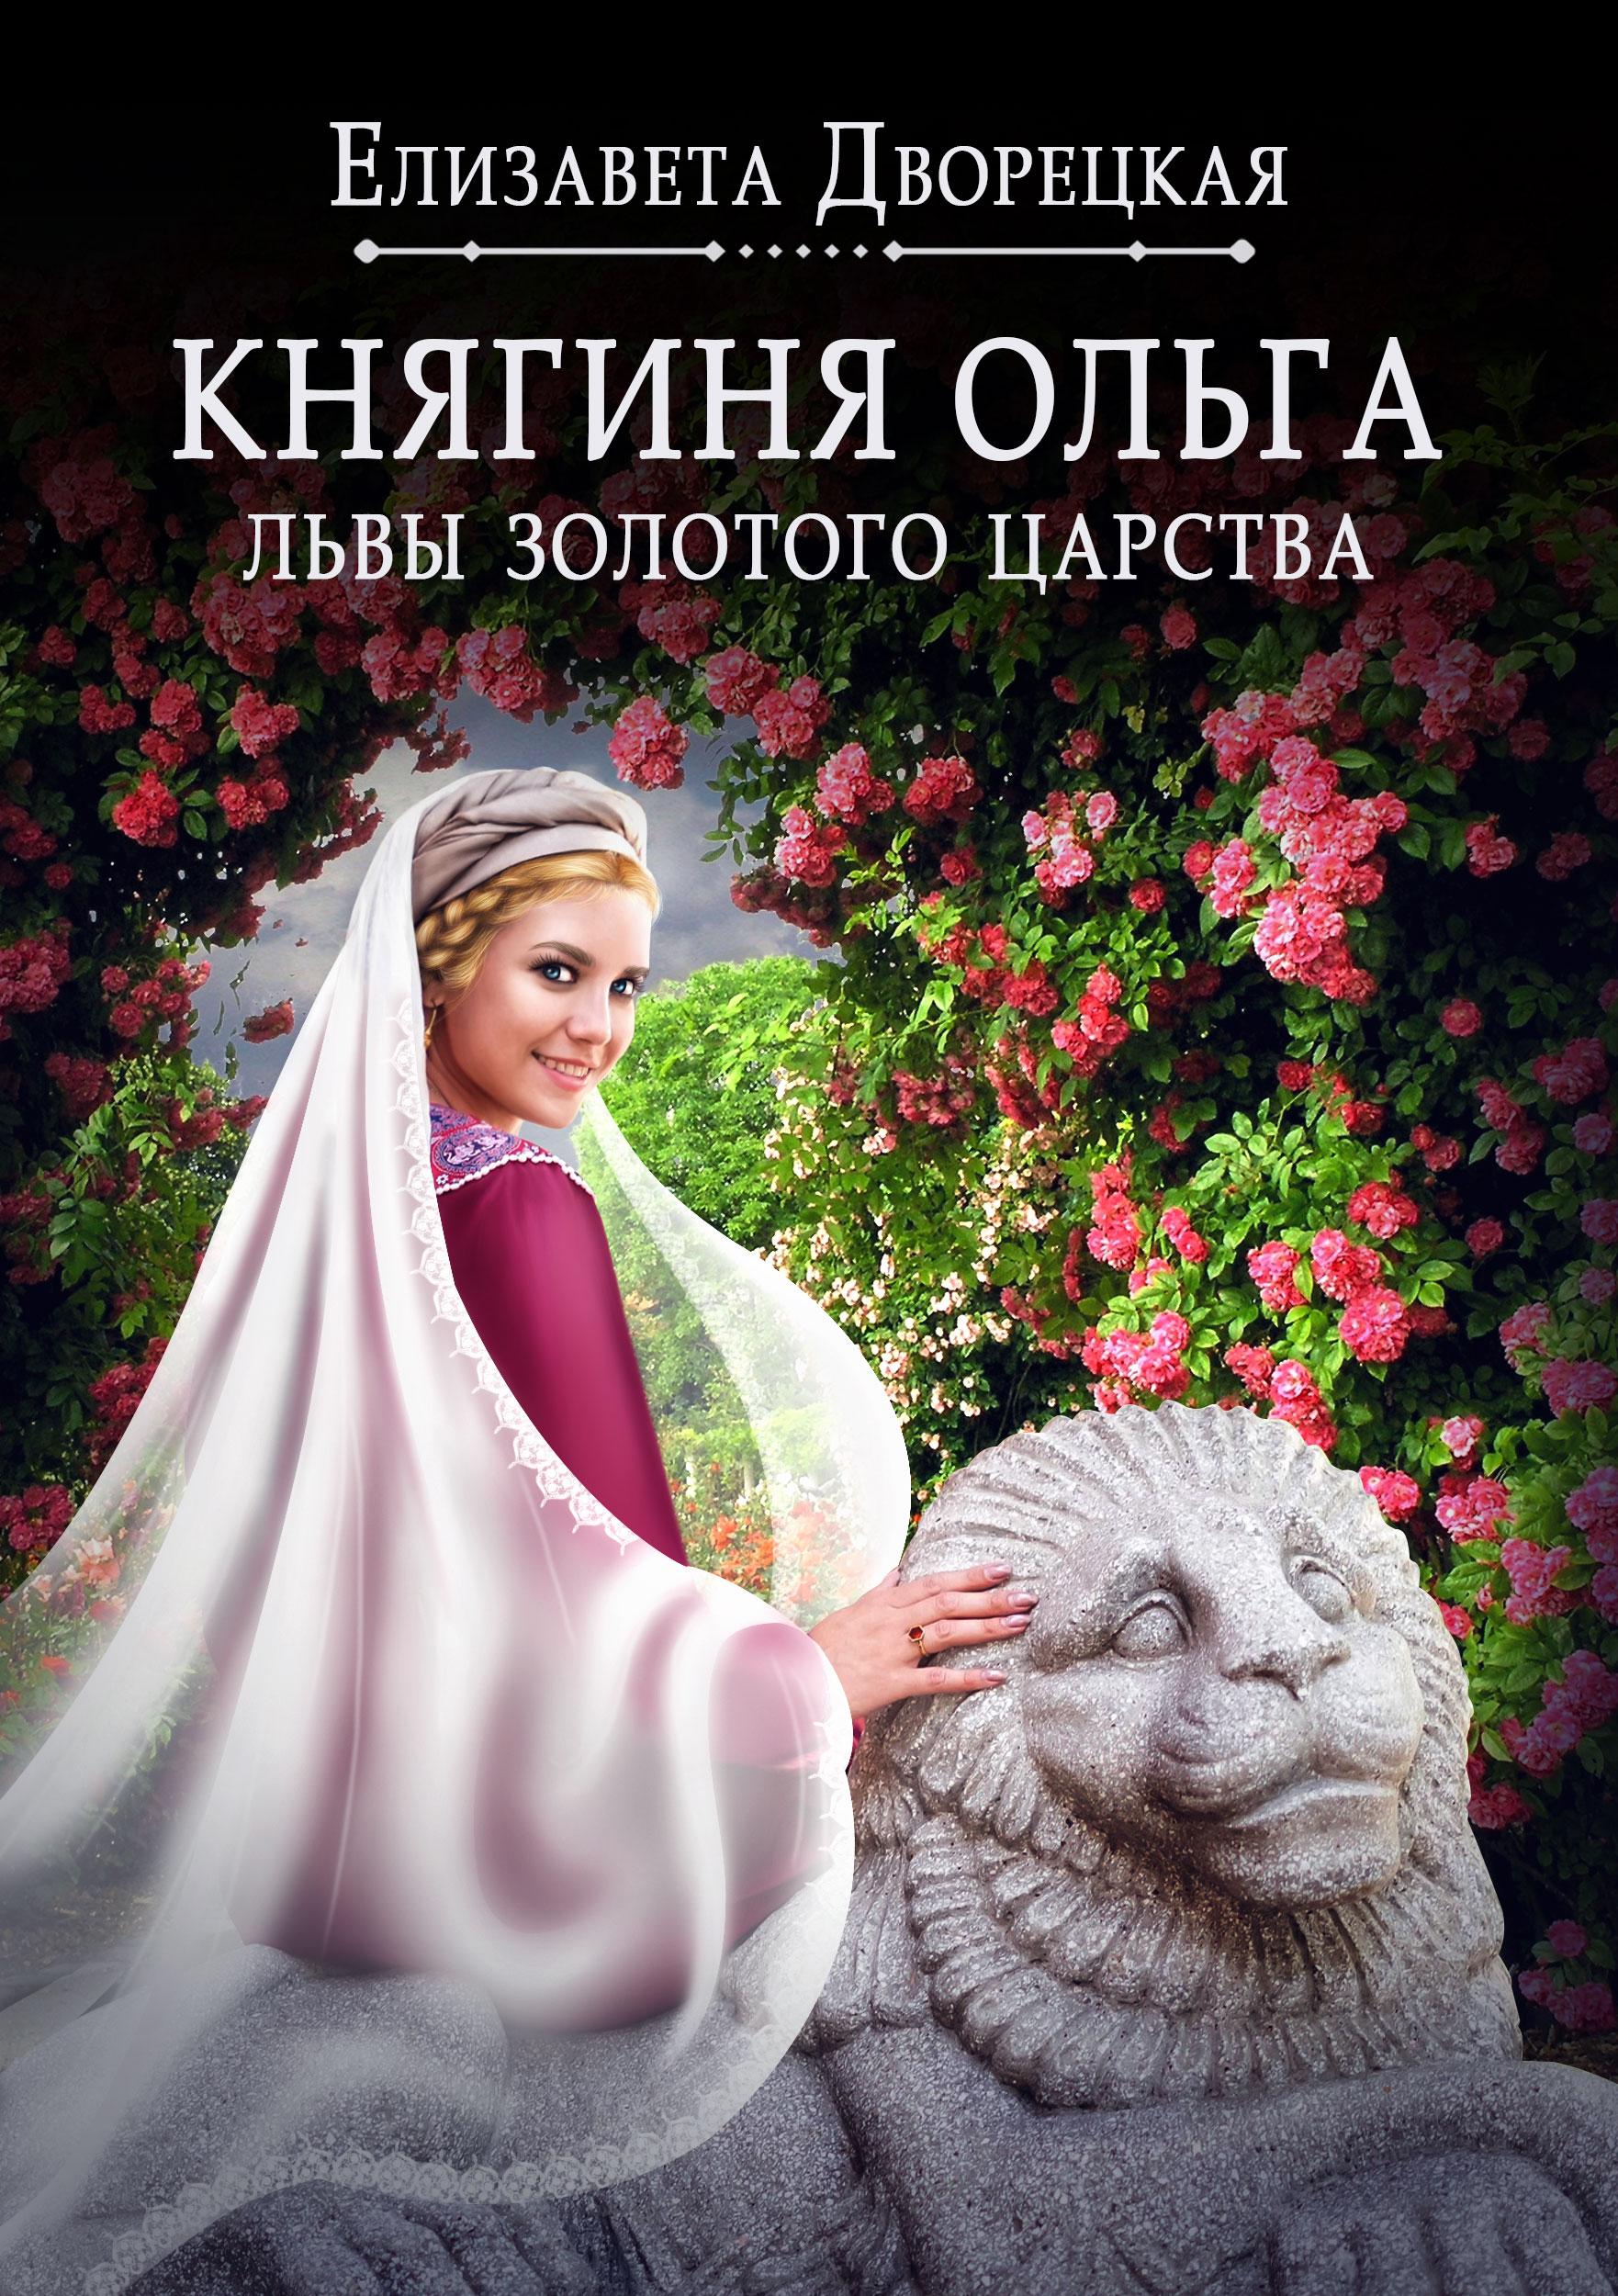 Княгиня Ольга. Львы Золотого царства